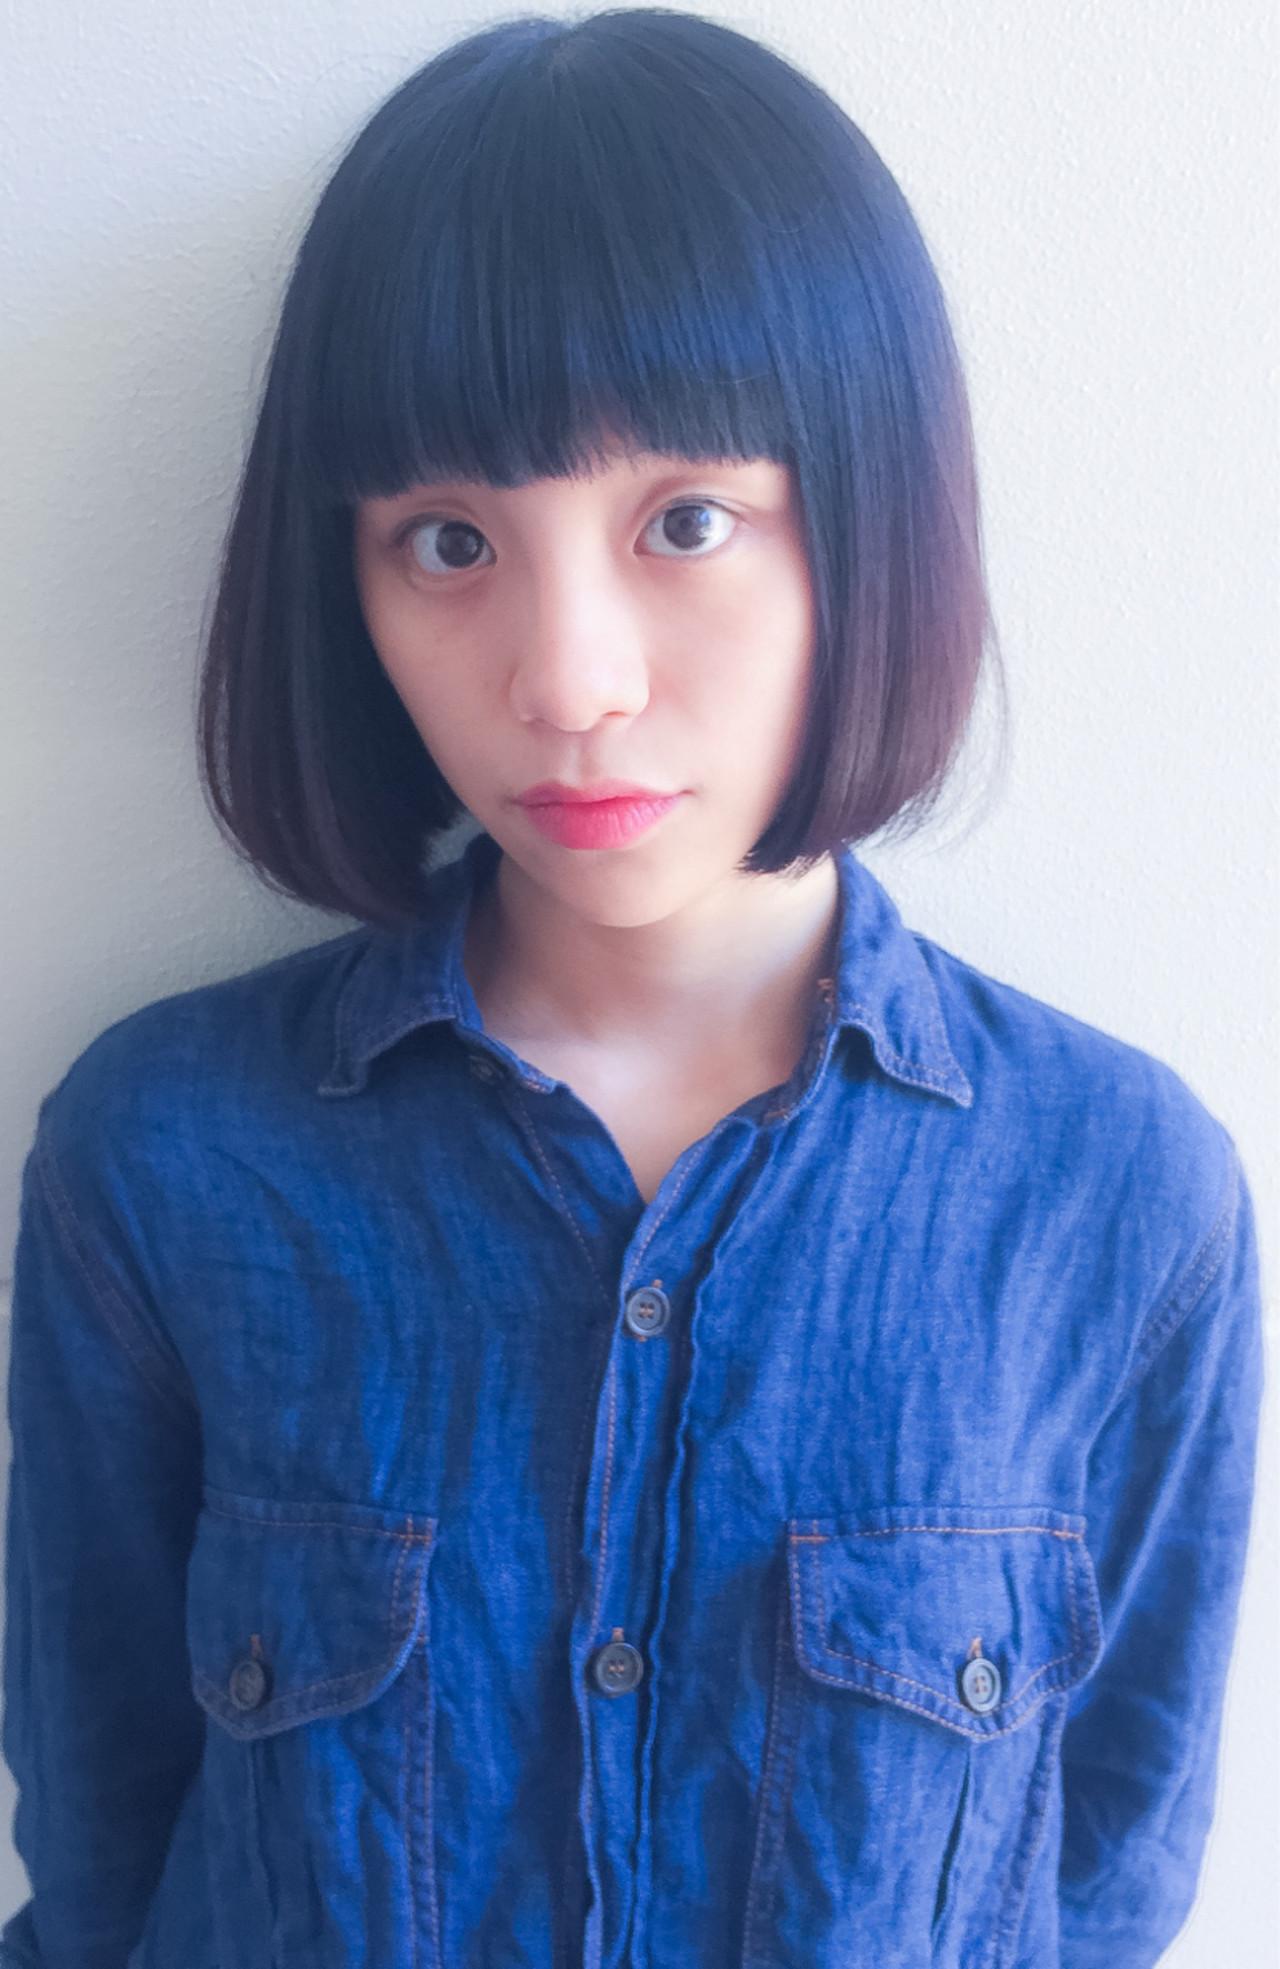 パーマ 黒髪 ピュア ガーリー ヘアスタイルや髪型の写真・画像